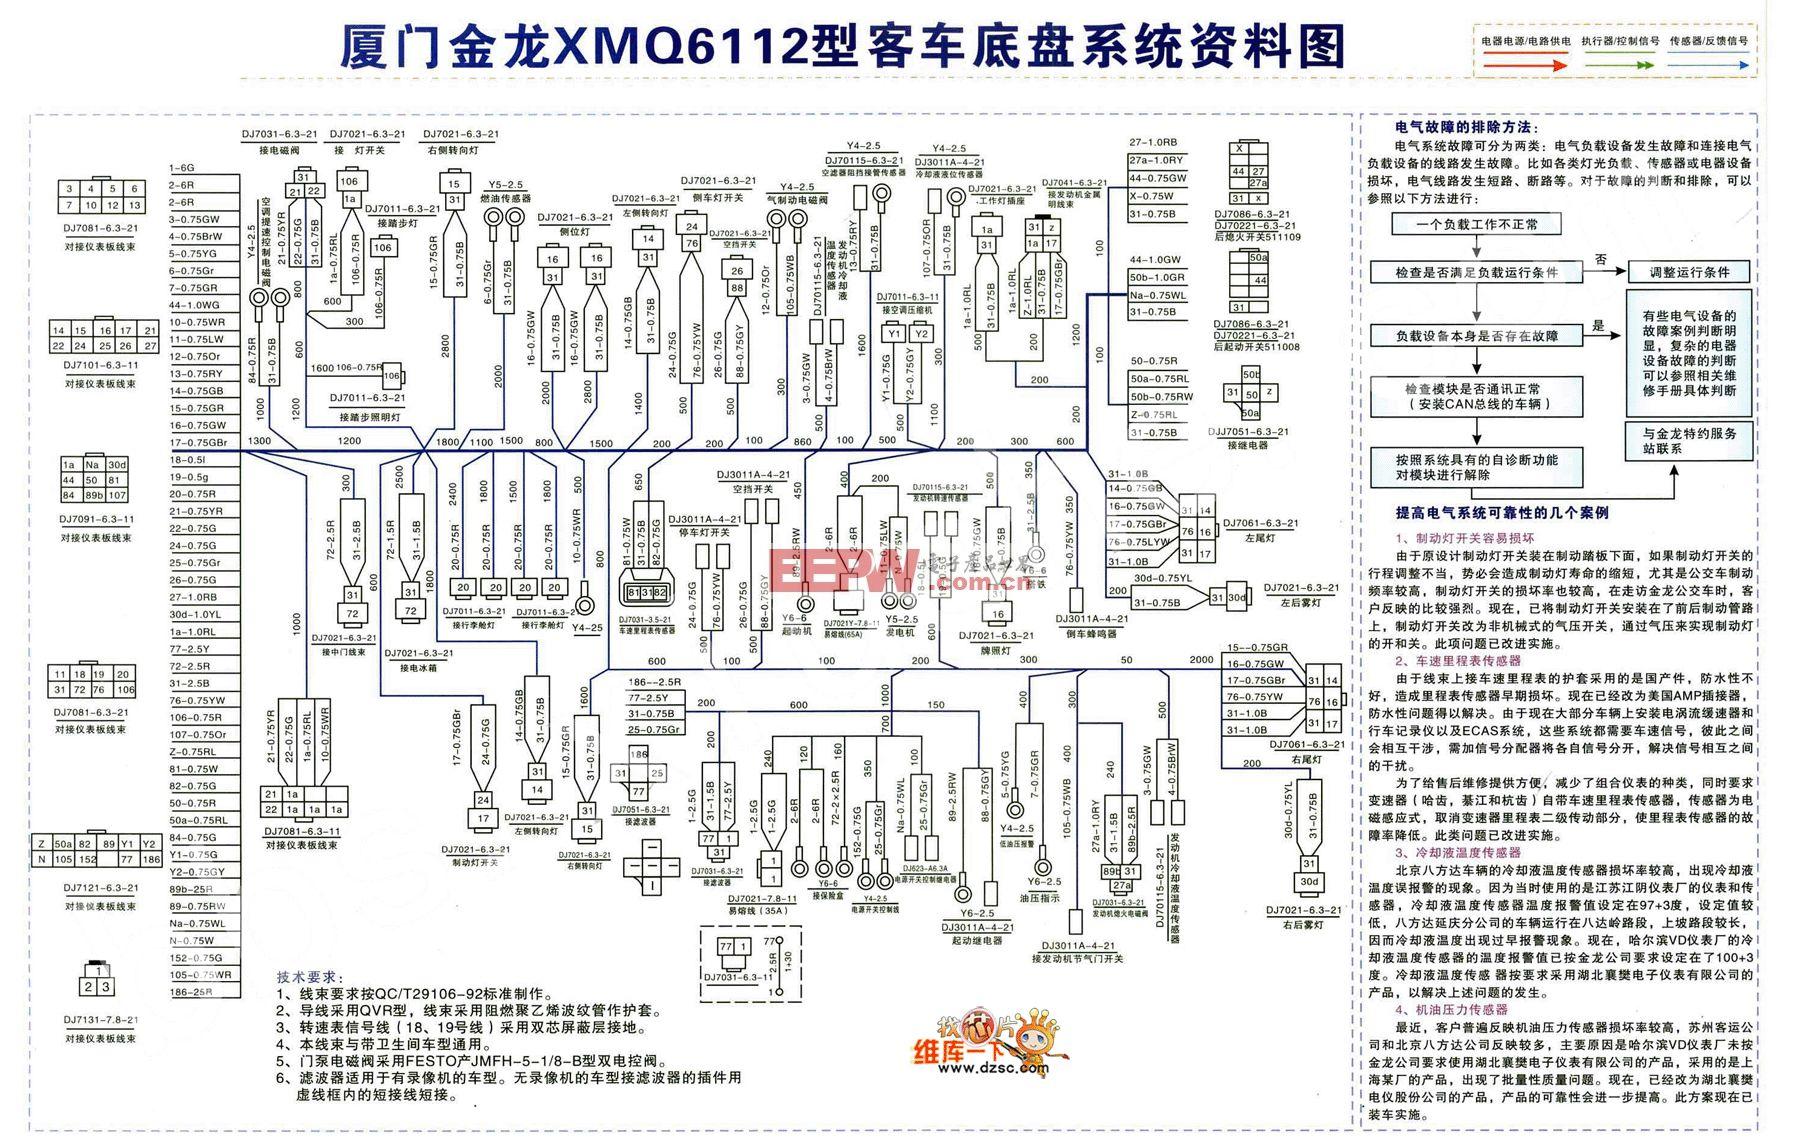 厦门金龙XMQ6112型客车底盘系统资料图